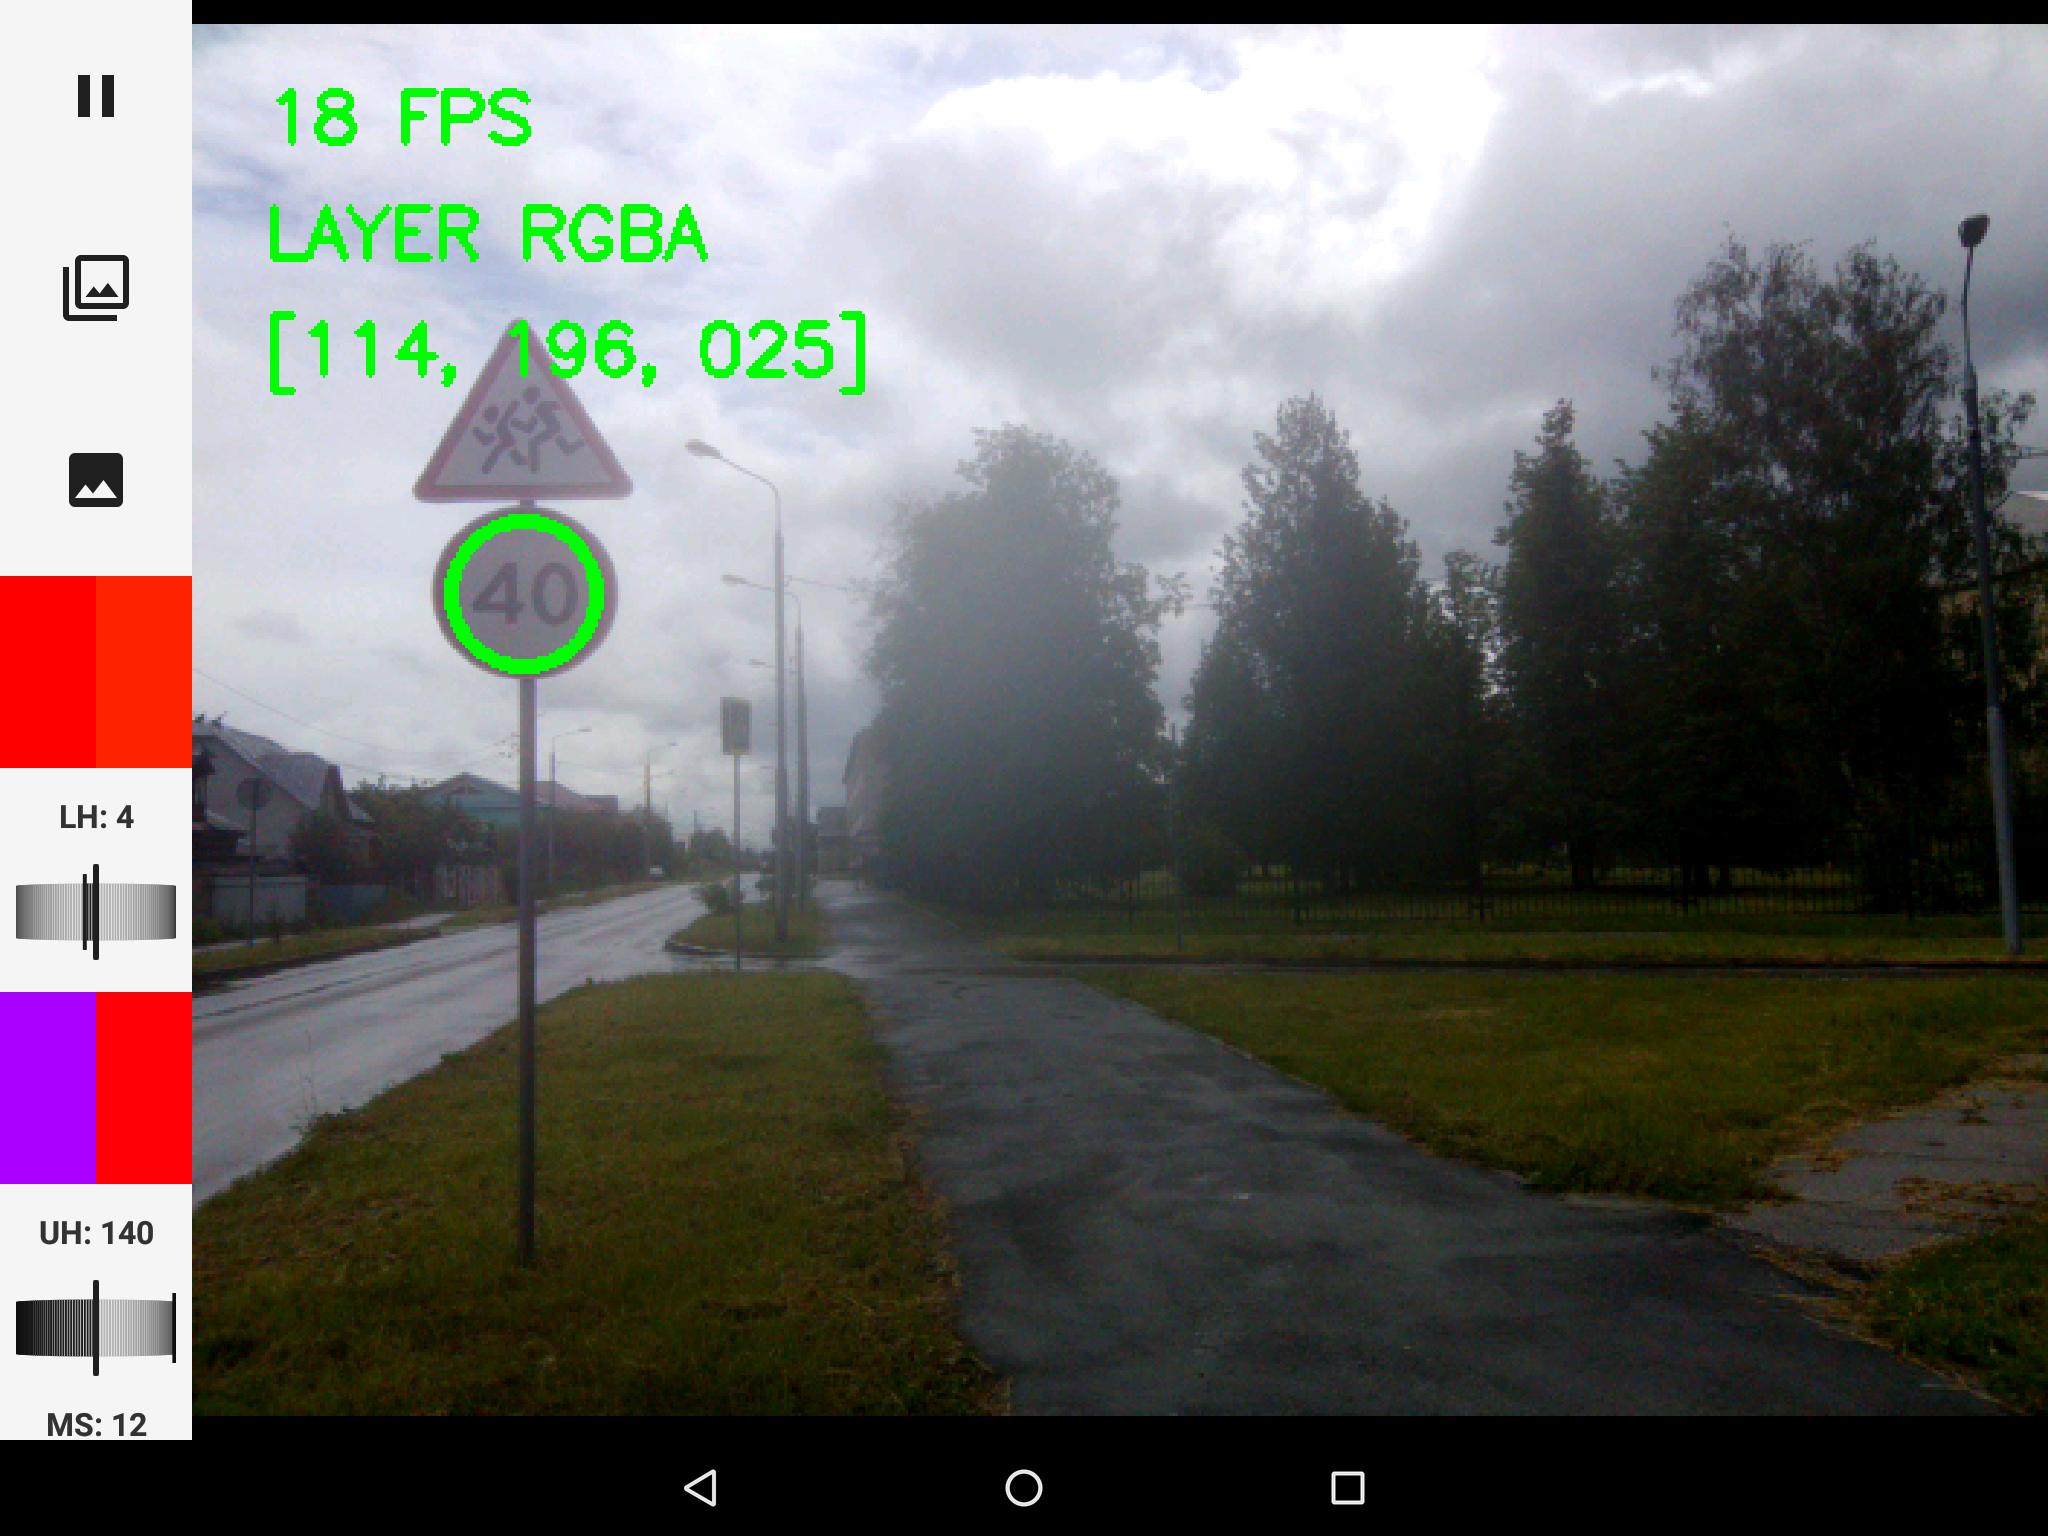 OpenCV. Поиск дорожных знаков методом контурного анализа в Android - 1